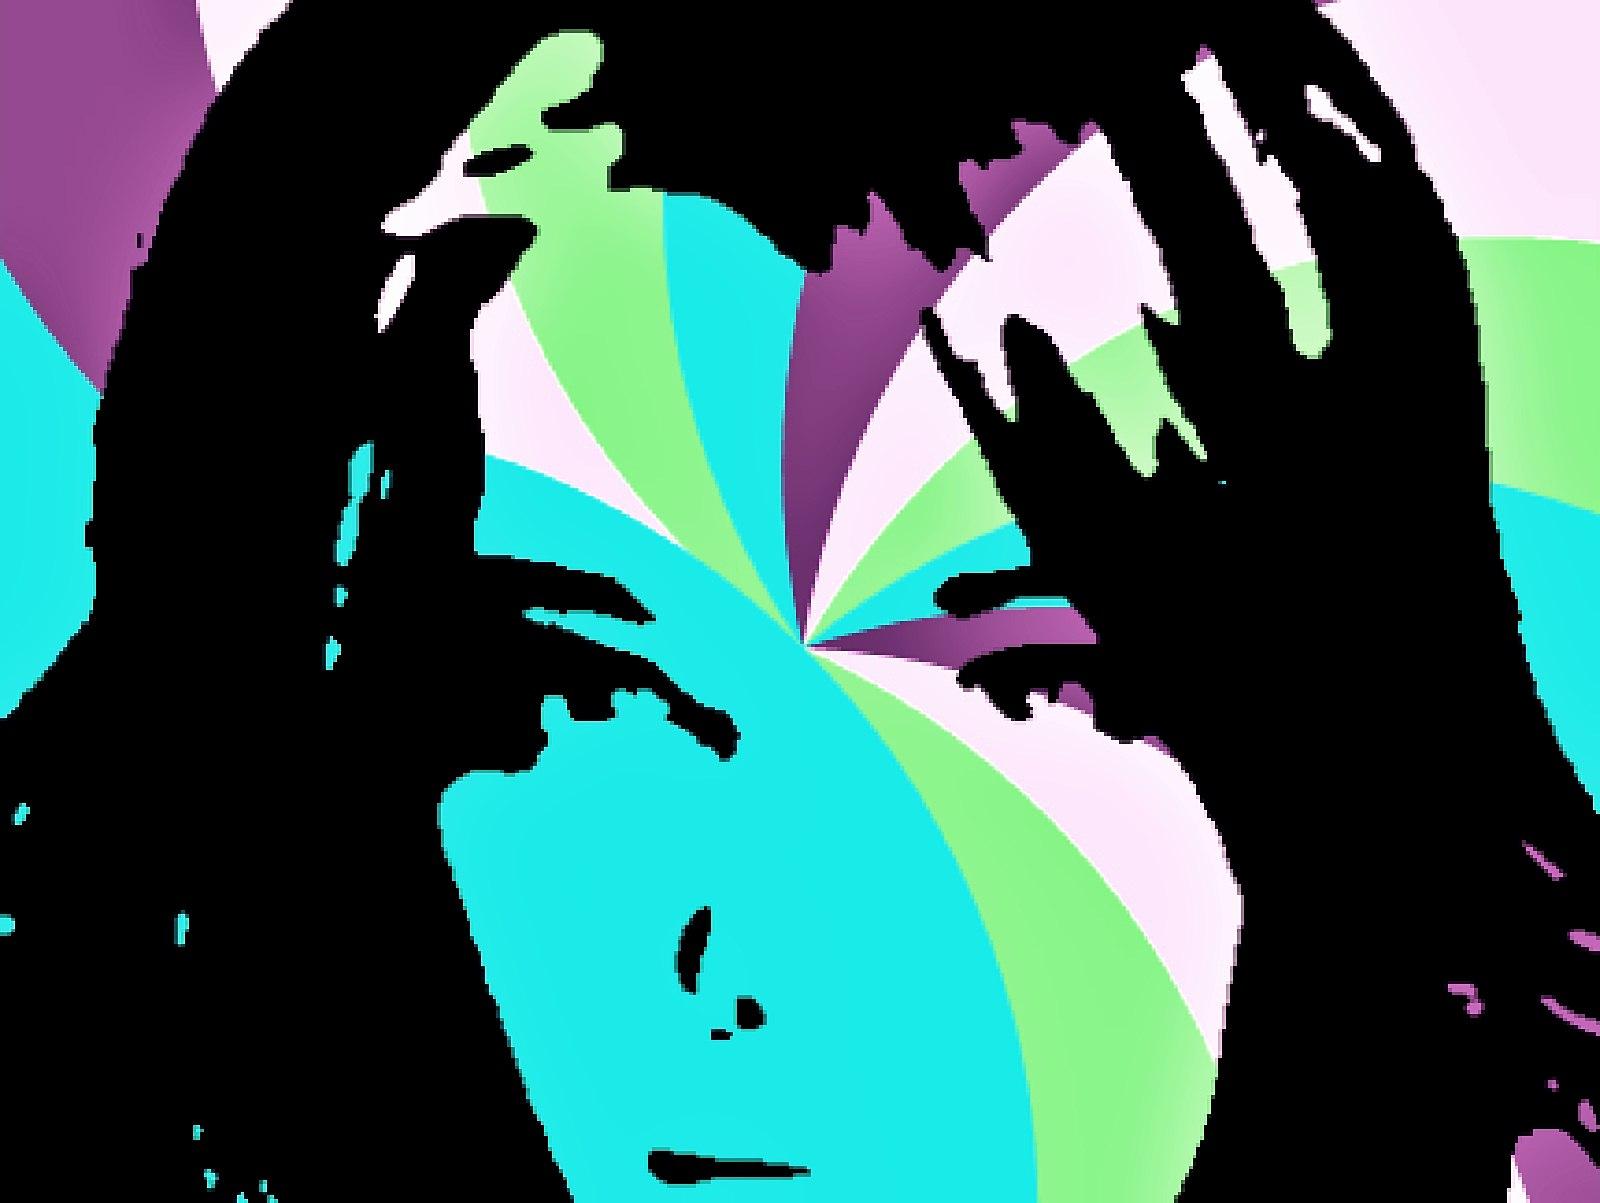 wallpaper lucu 3d pictures images photos untuk laptop, wallpaper lucu bergerak untuk android,